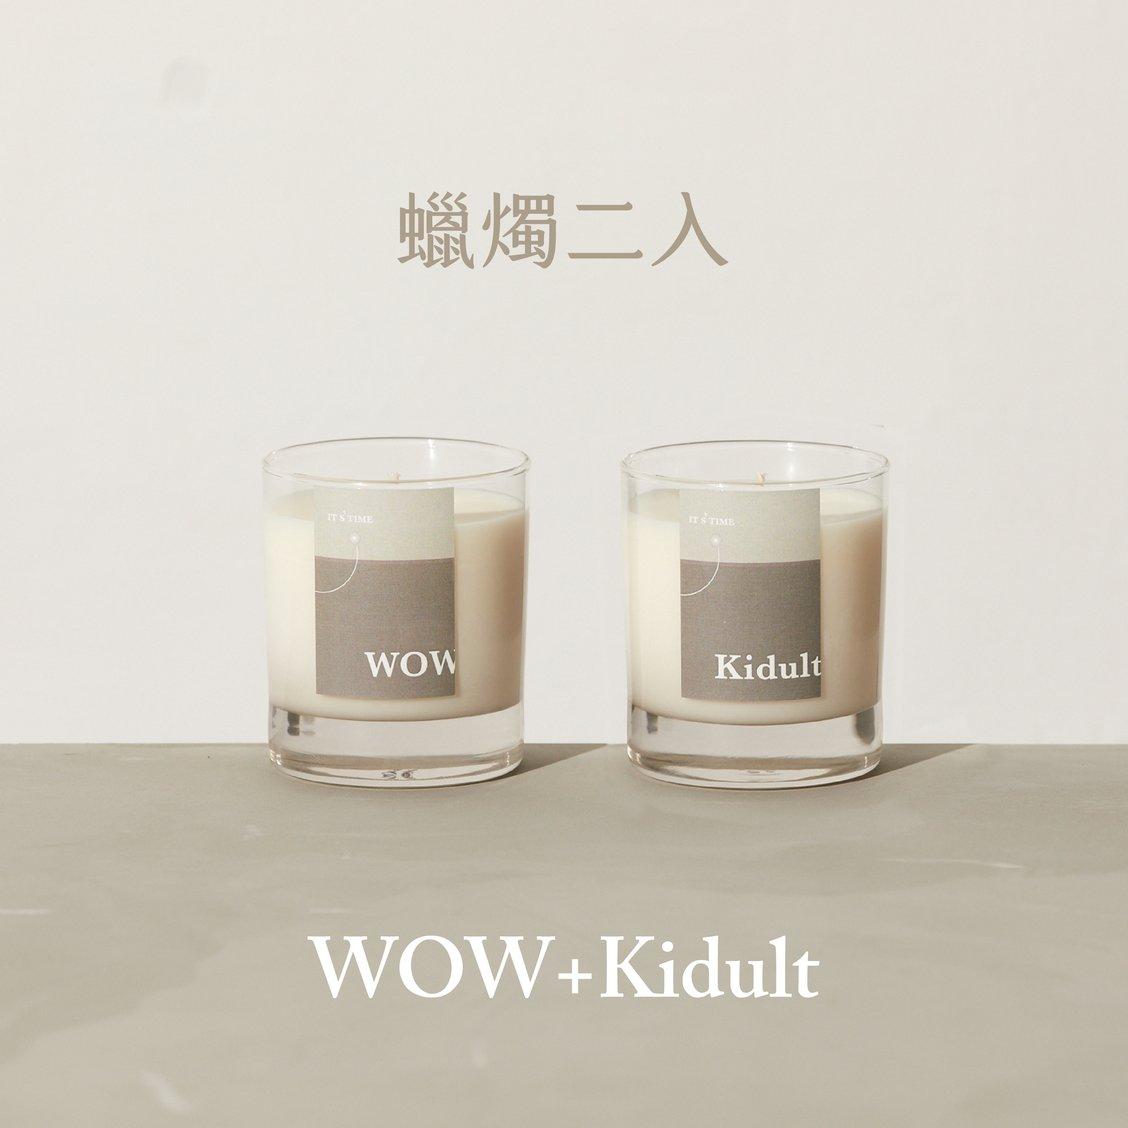 【完售倒數】IT'S TIME 來點蠟燭- 蠟燭成雙組